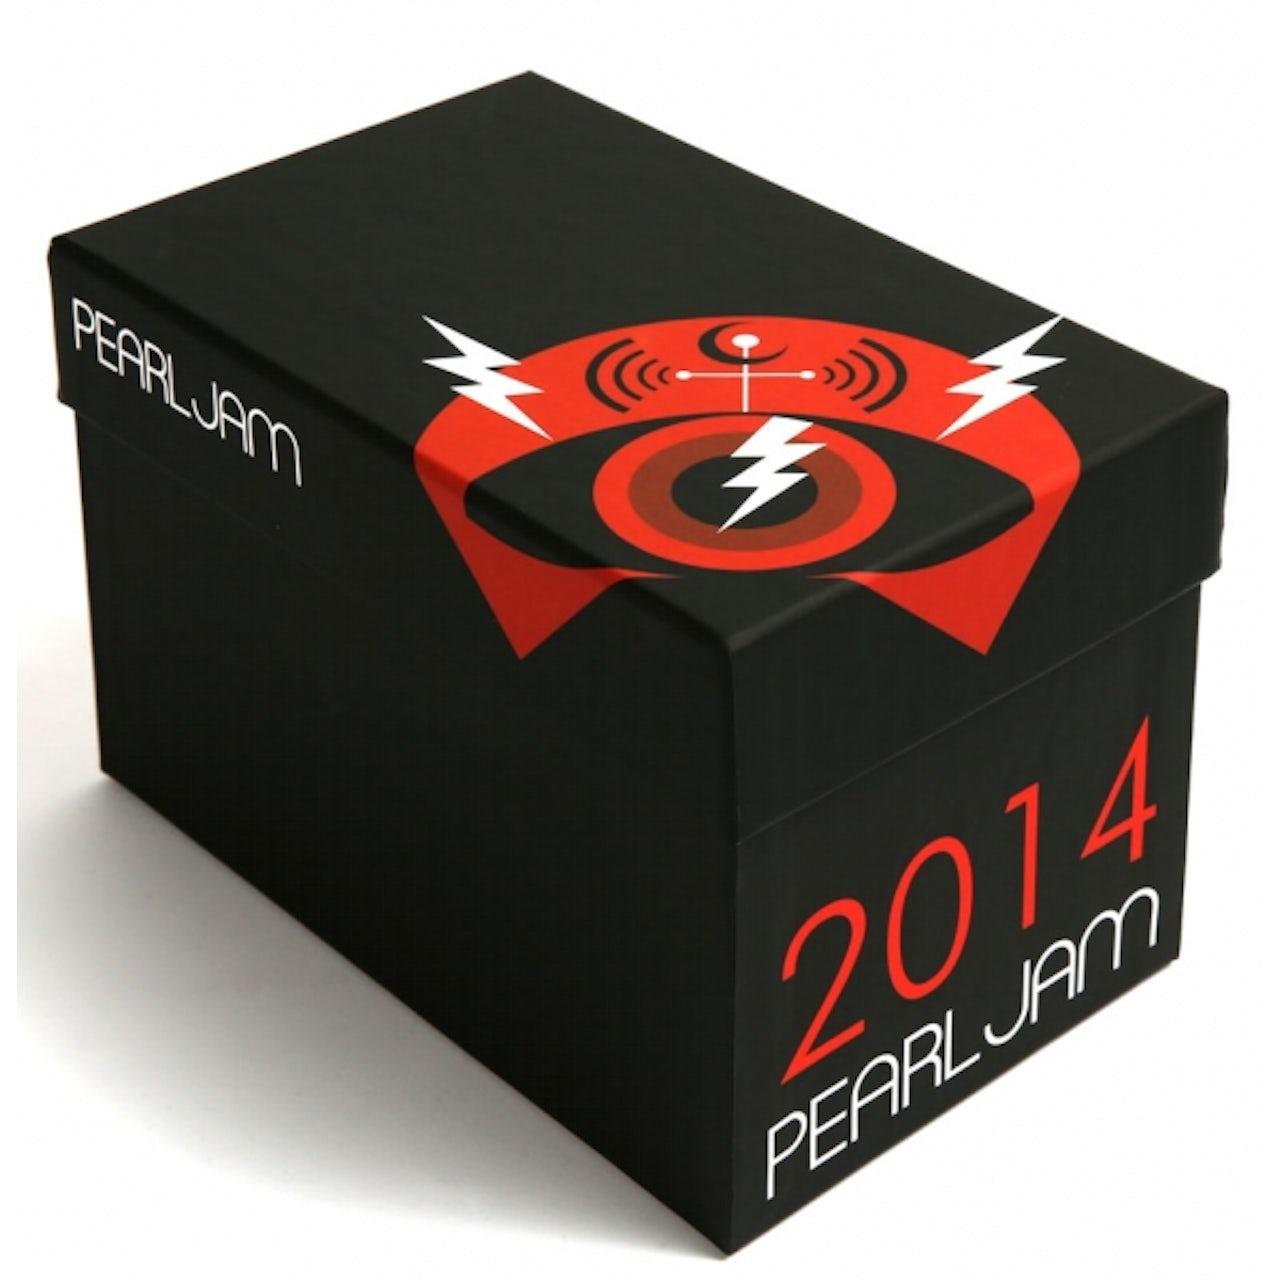 Pearl Jam 2014 Bootleg CD Box Set